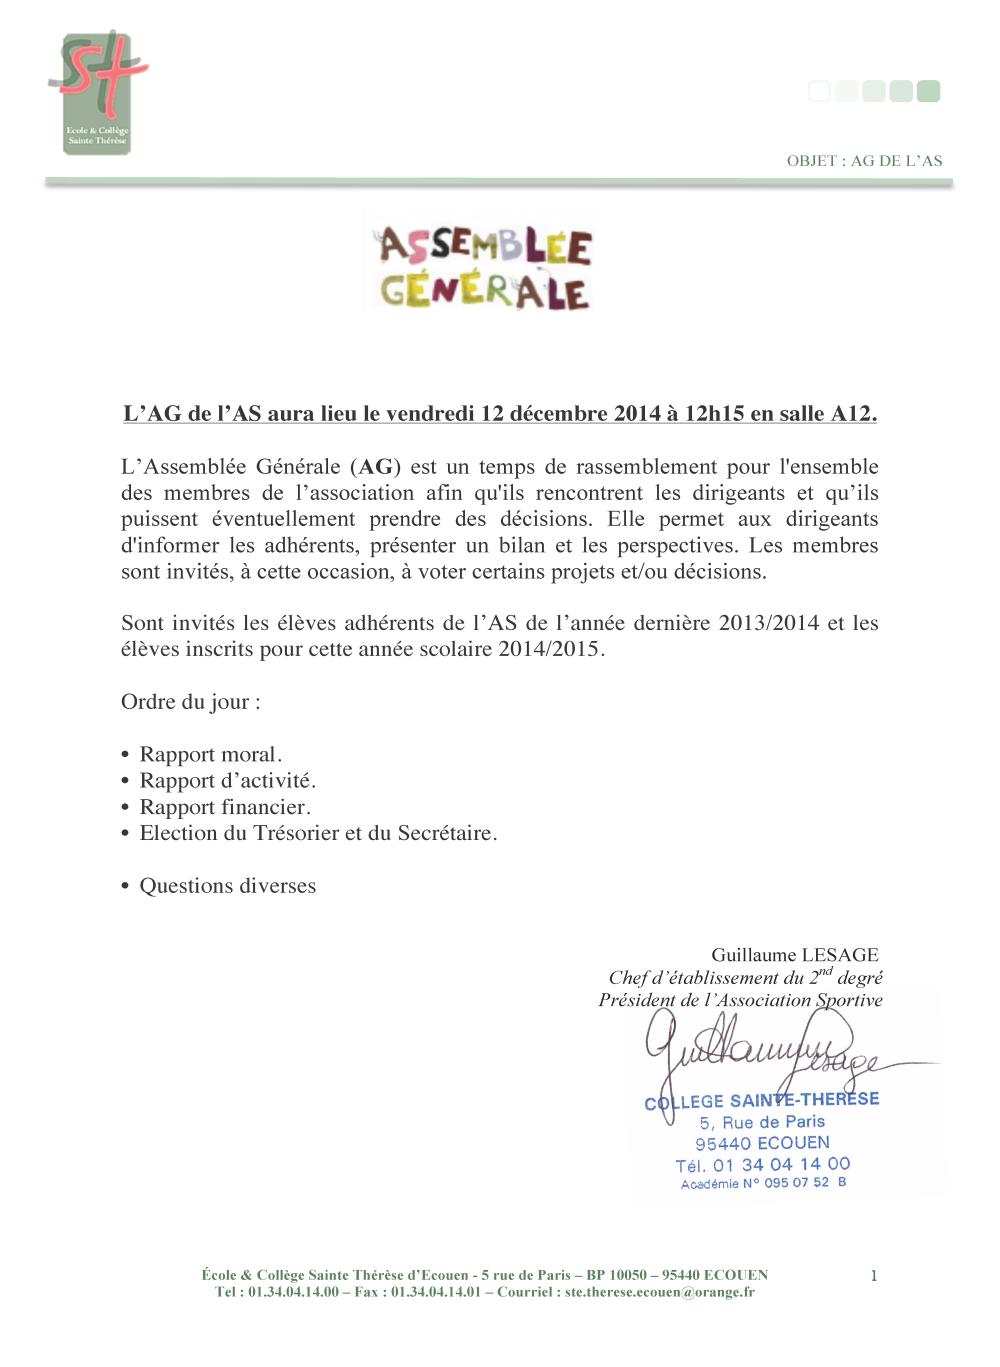 AG de L'AS 2014